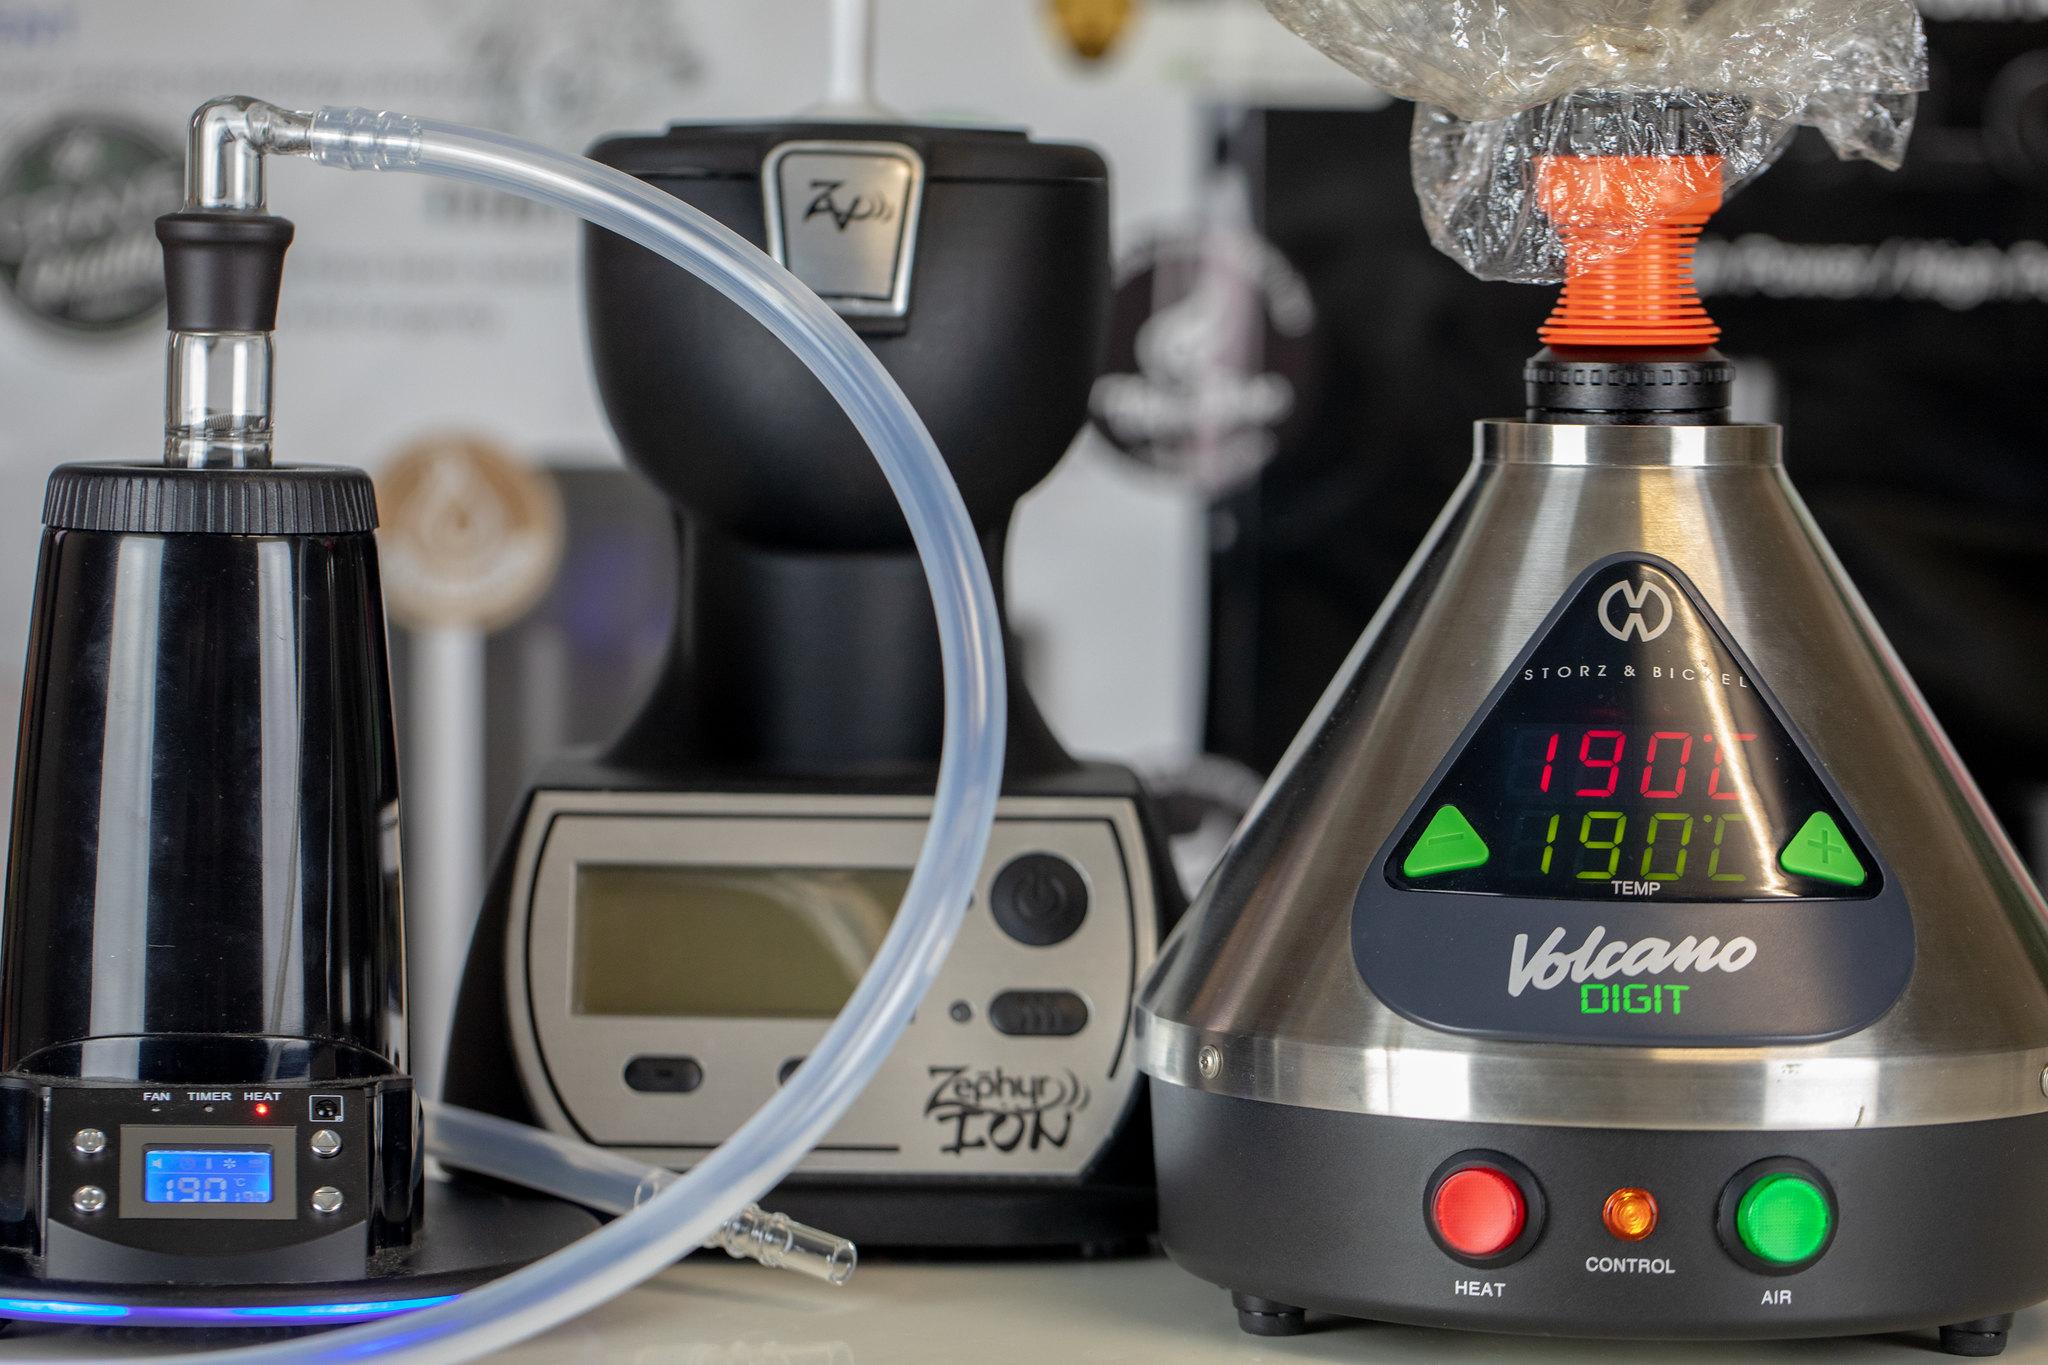 Desktop Dry herb vaporizers